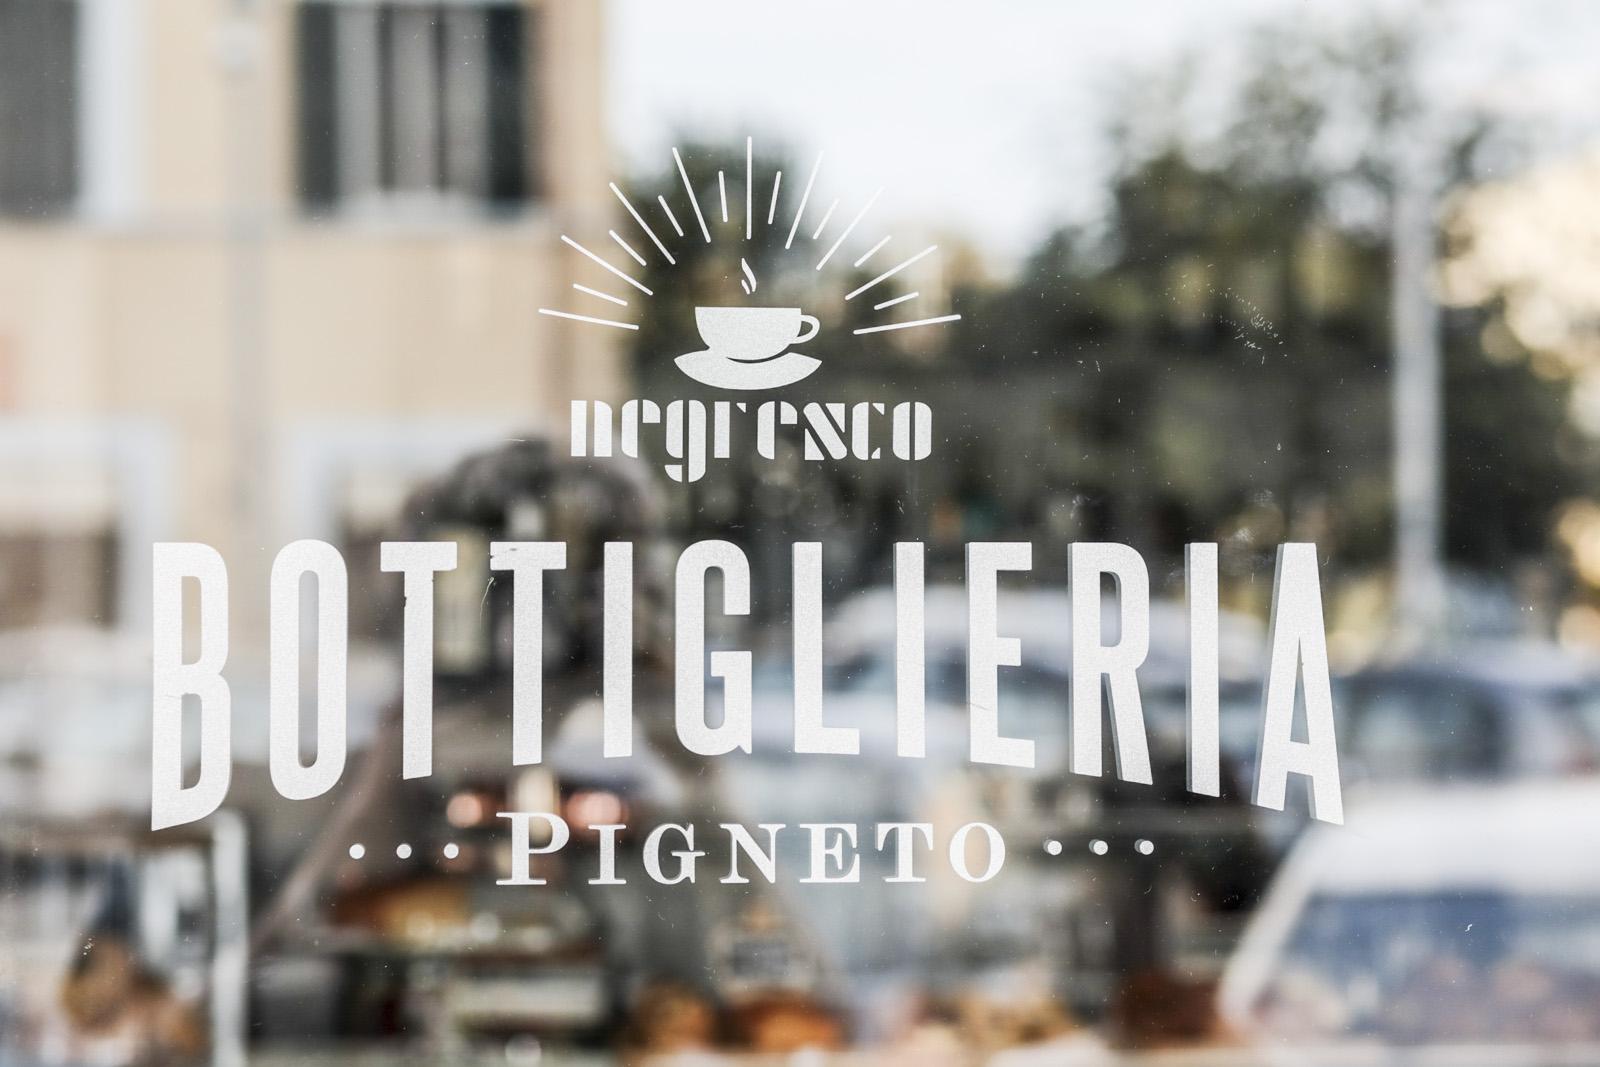 bottiglieria pigneto roma